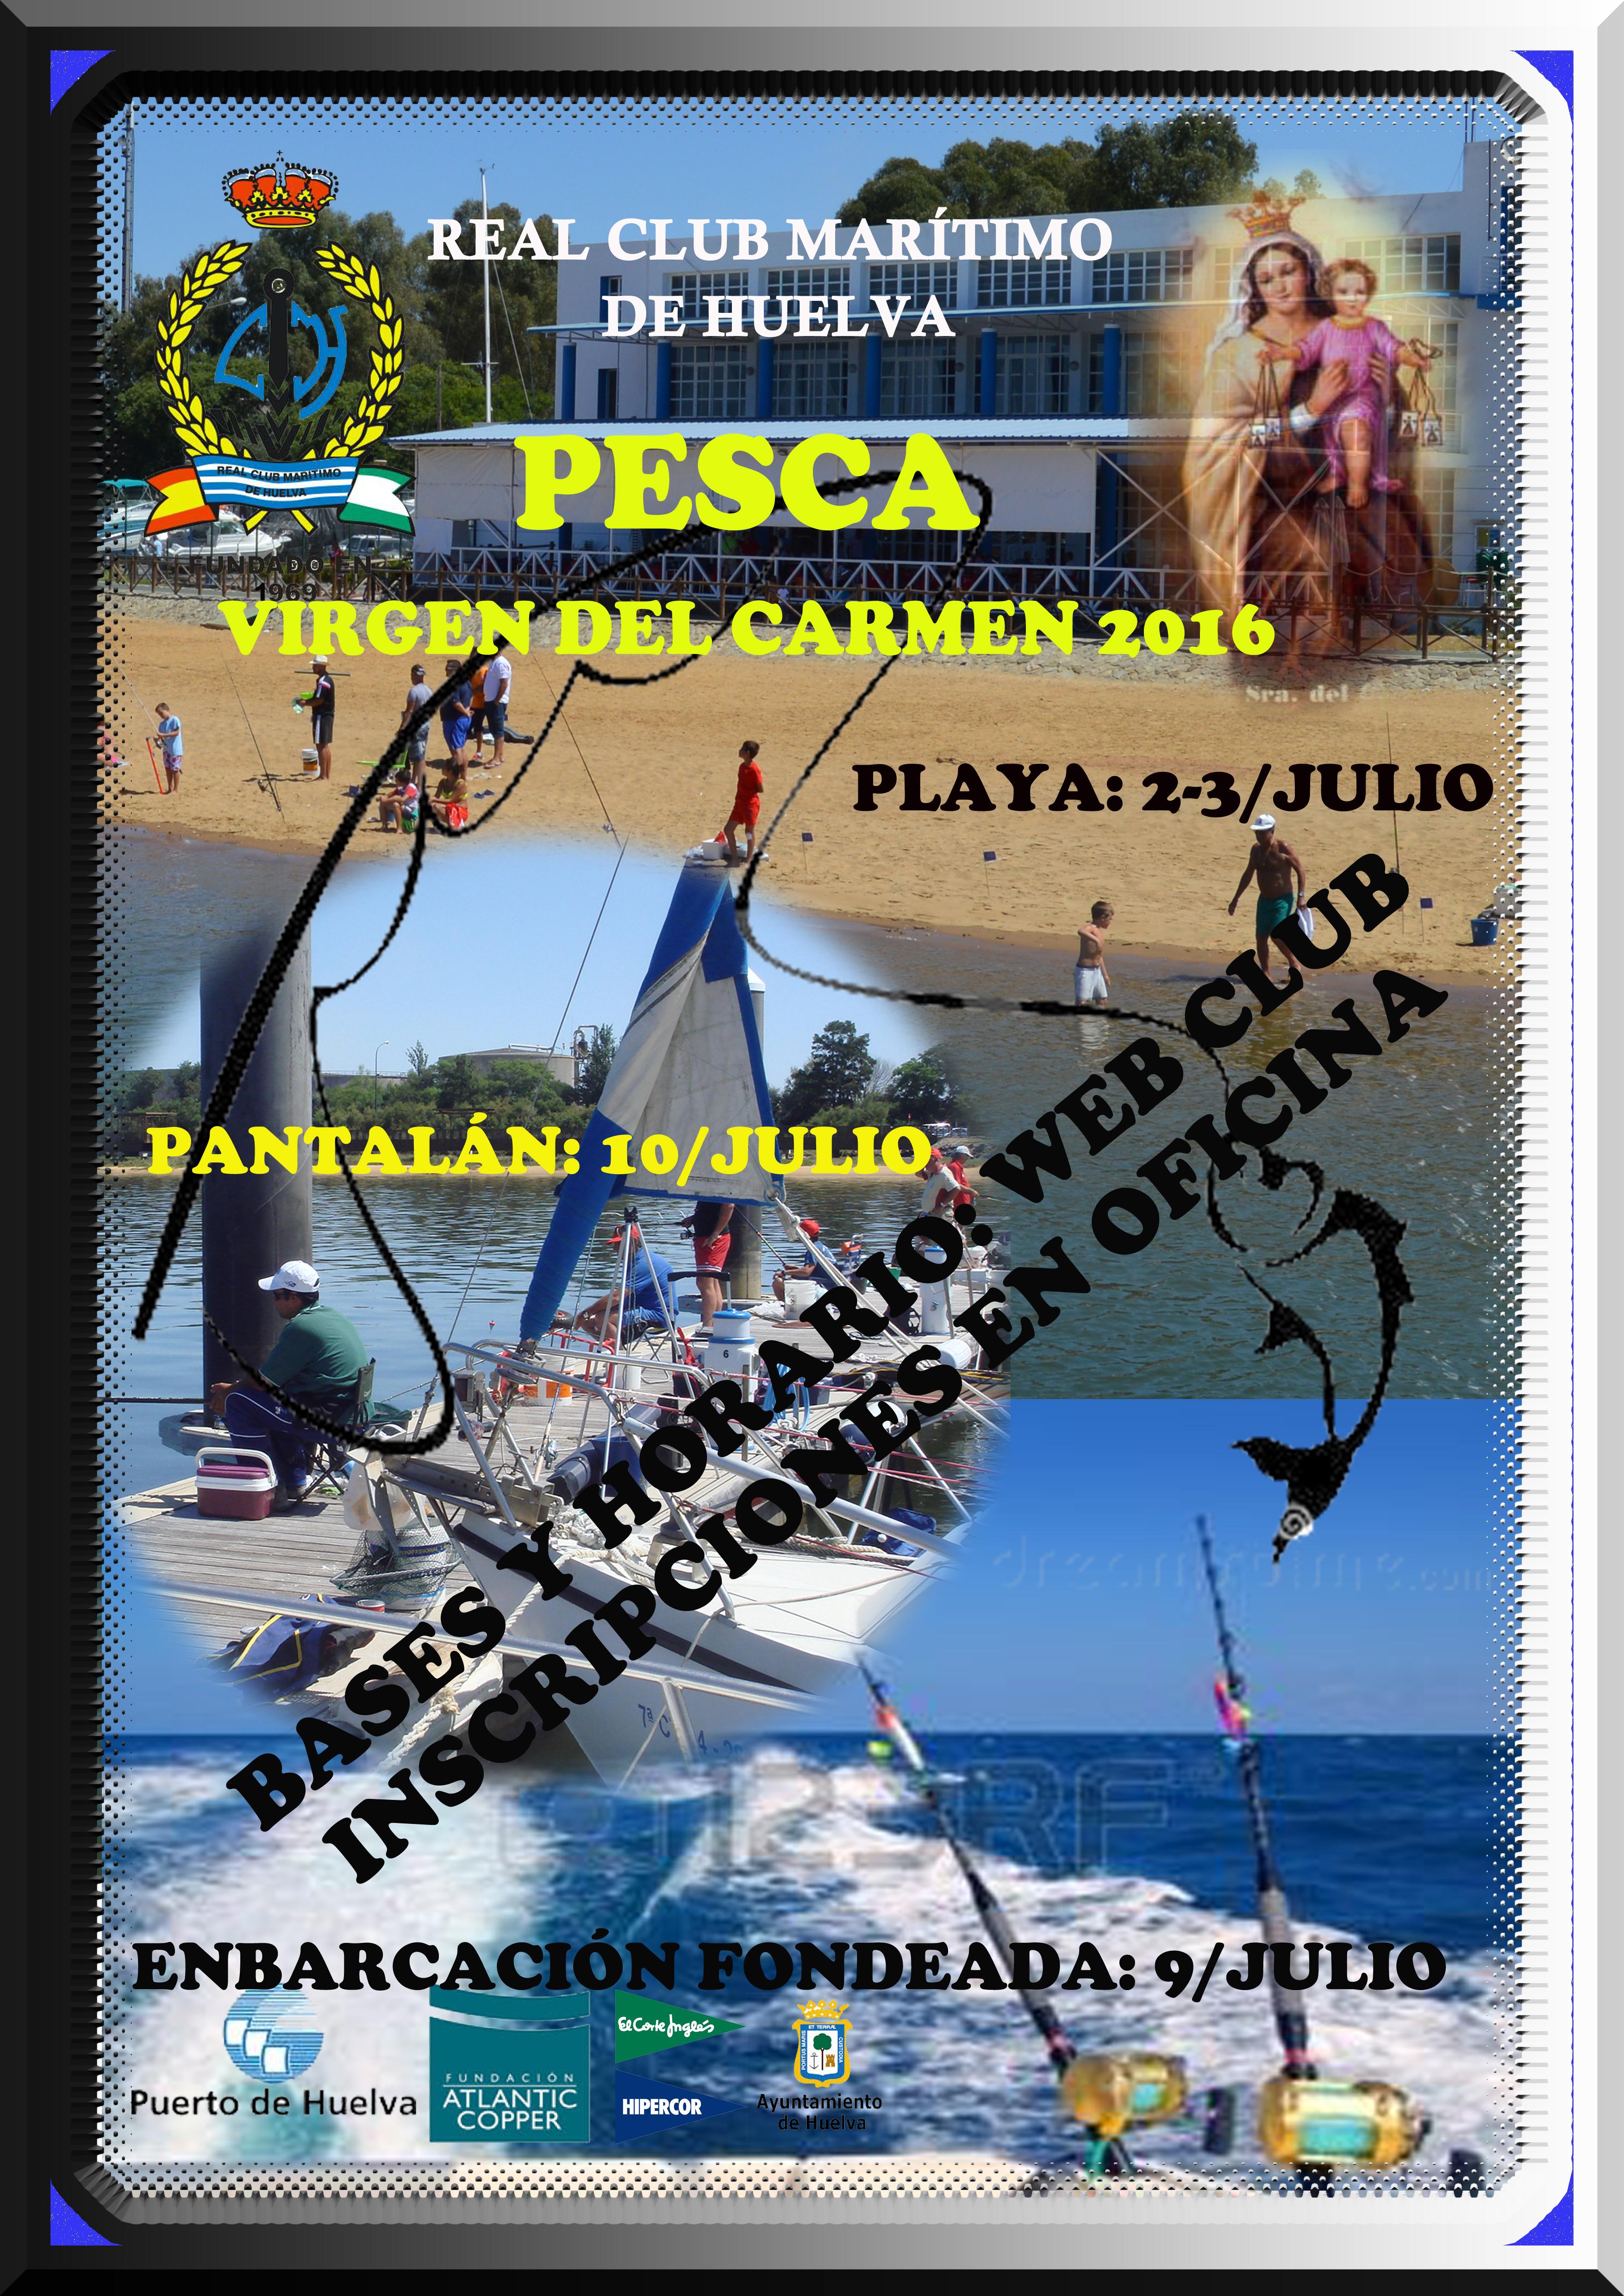 Jornada pesca Virgen del Carmen 2016